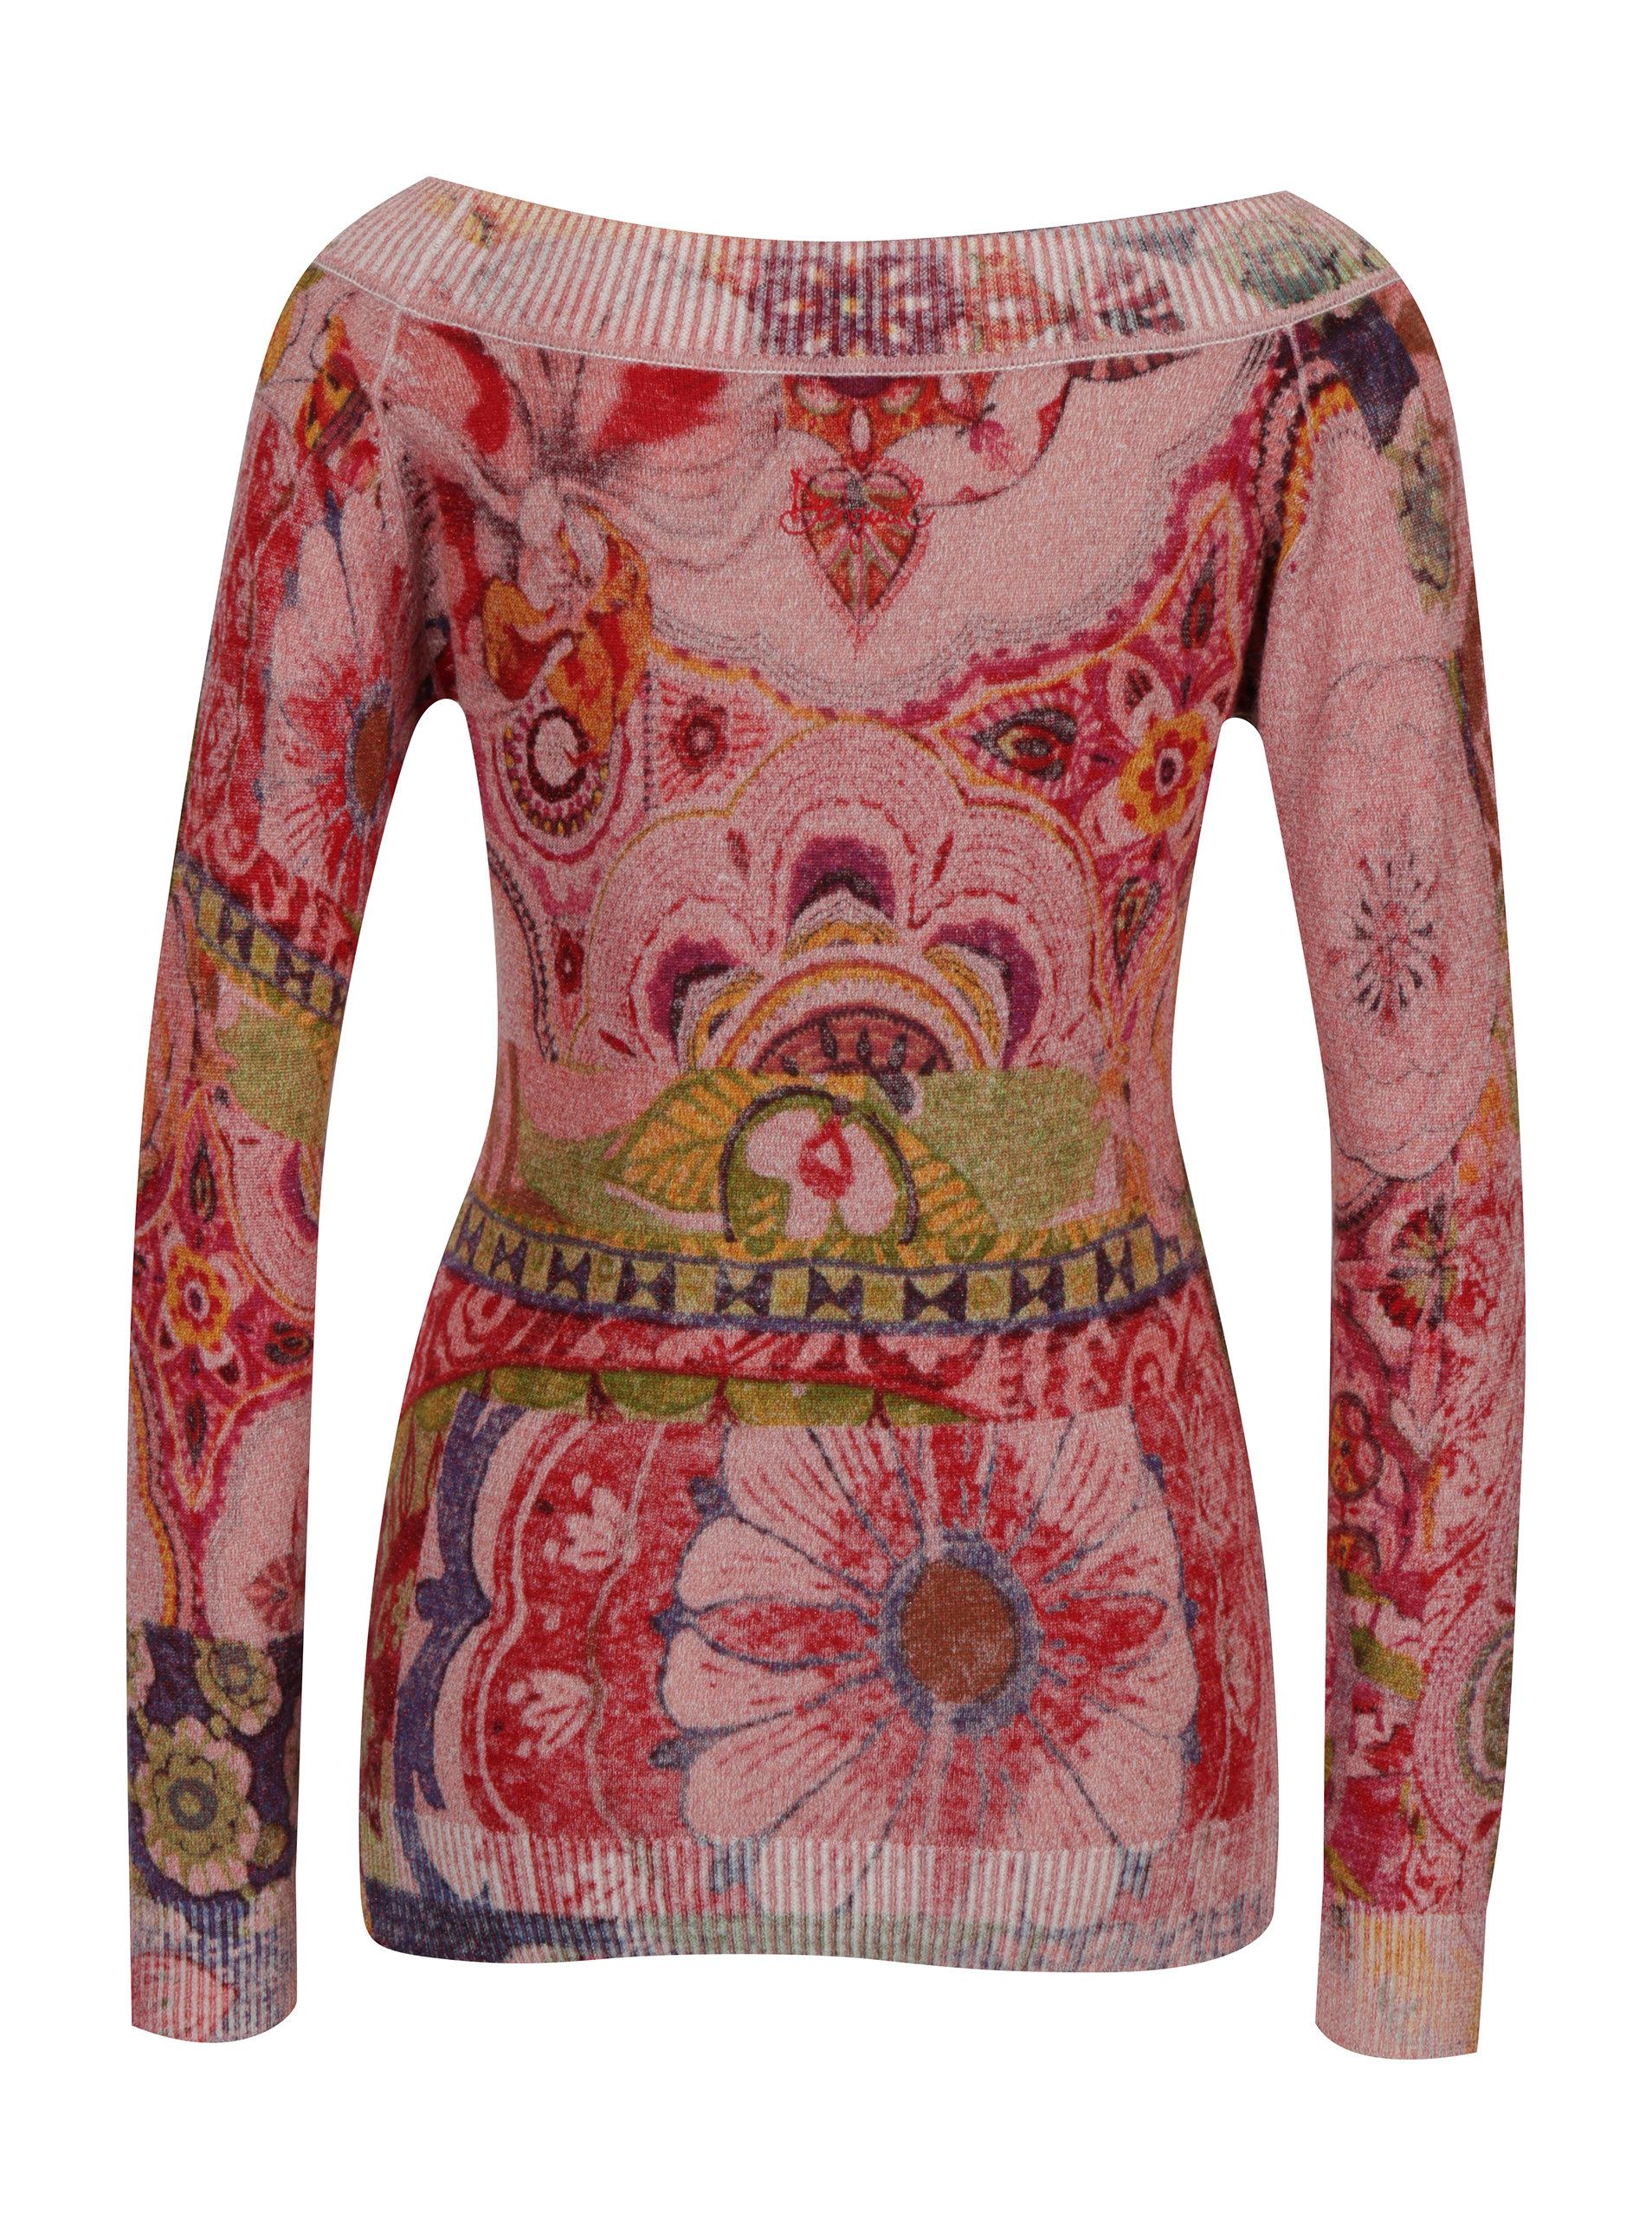 Růžový vzorovaný svetr s lodičkovým výstřihem Desigual Purpura ... e6ac2df2f9a